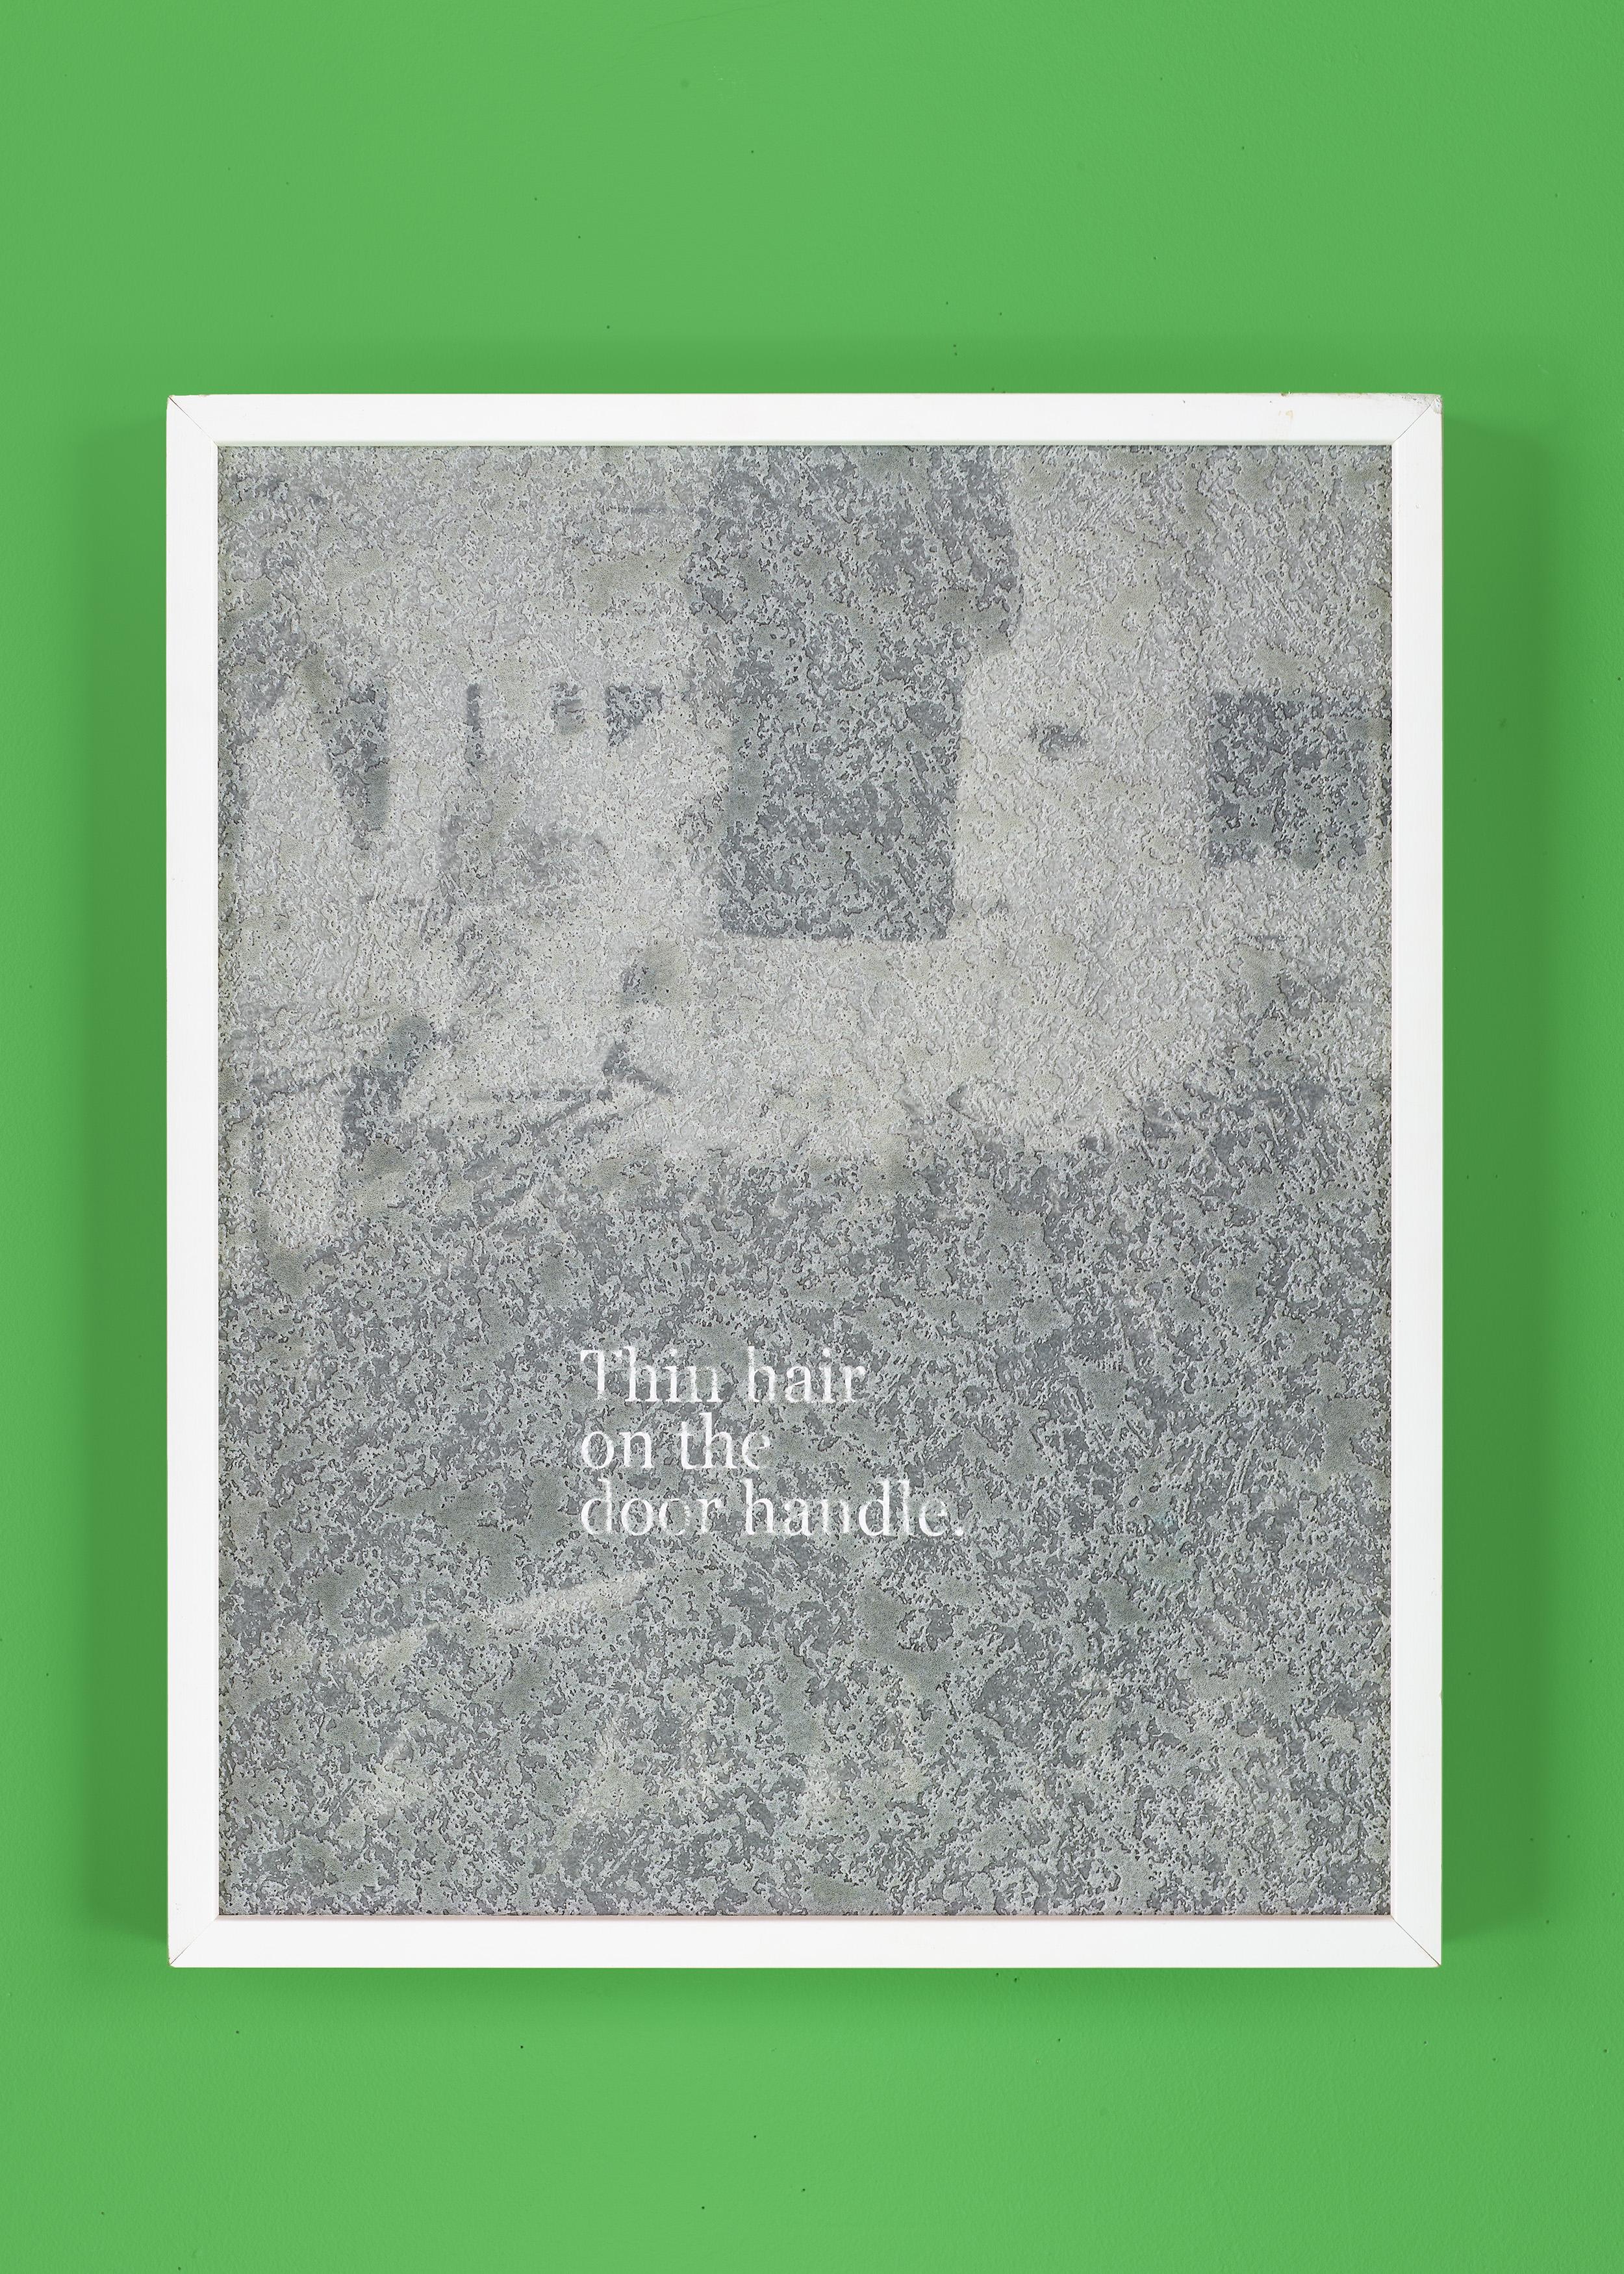 Thin hair, 2016